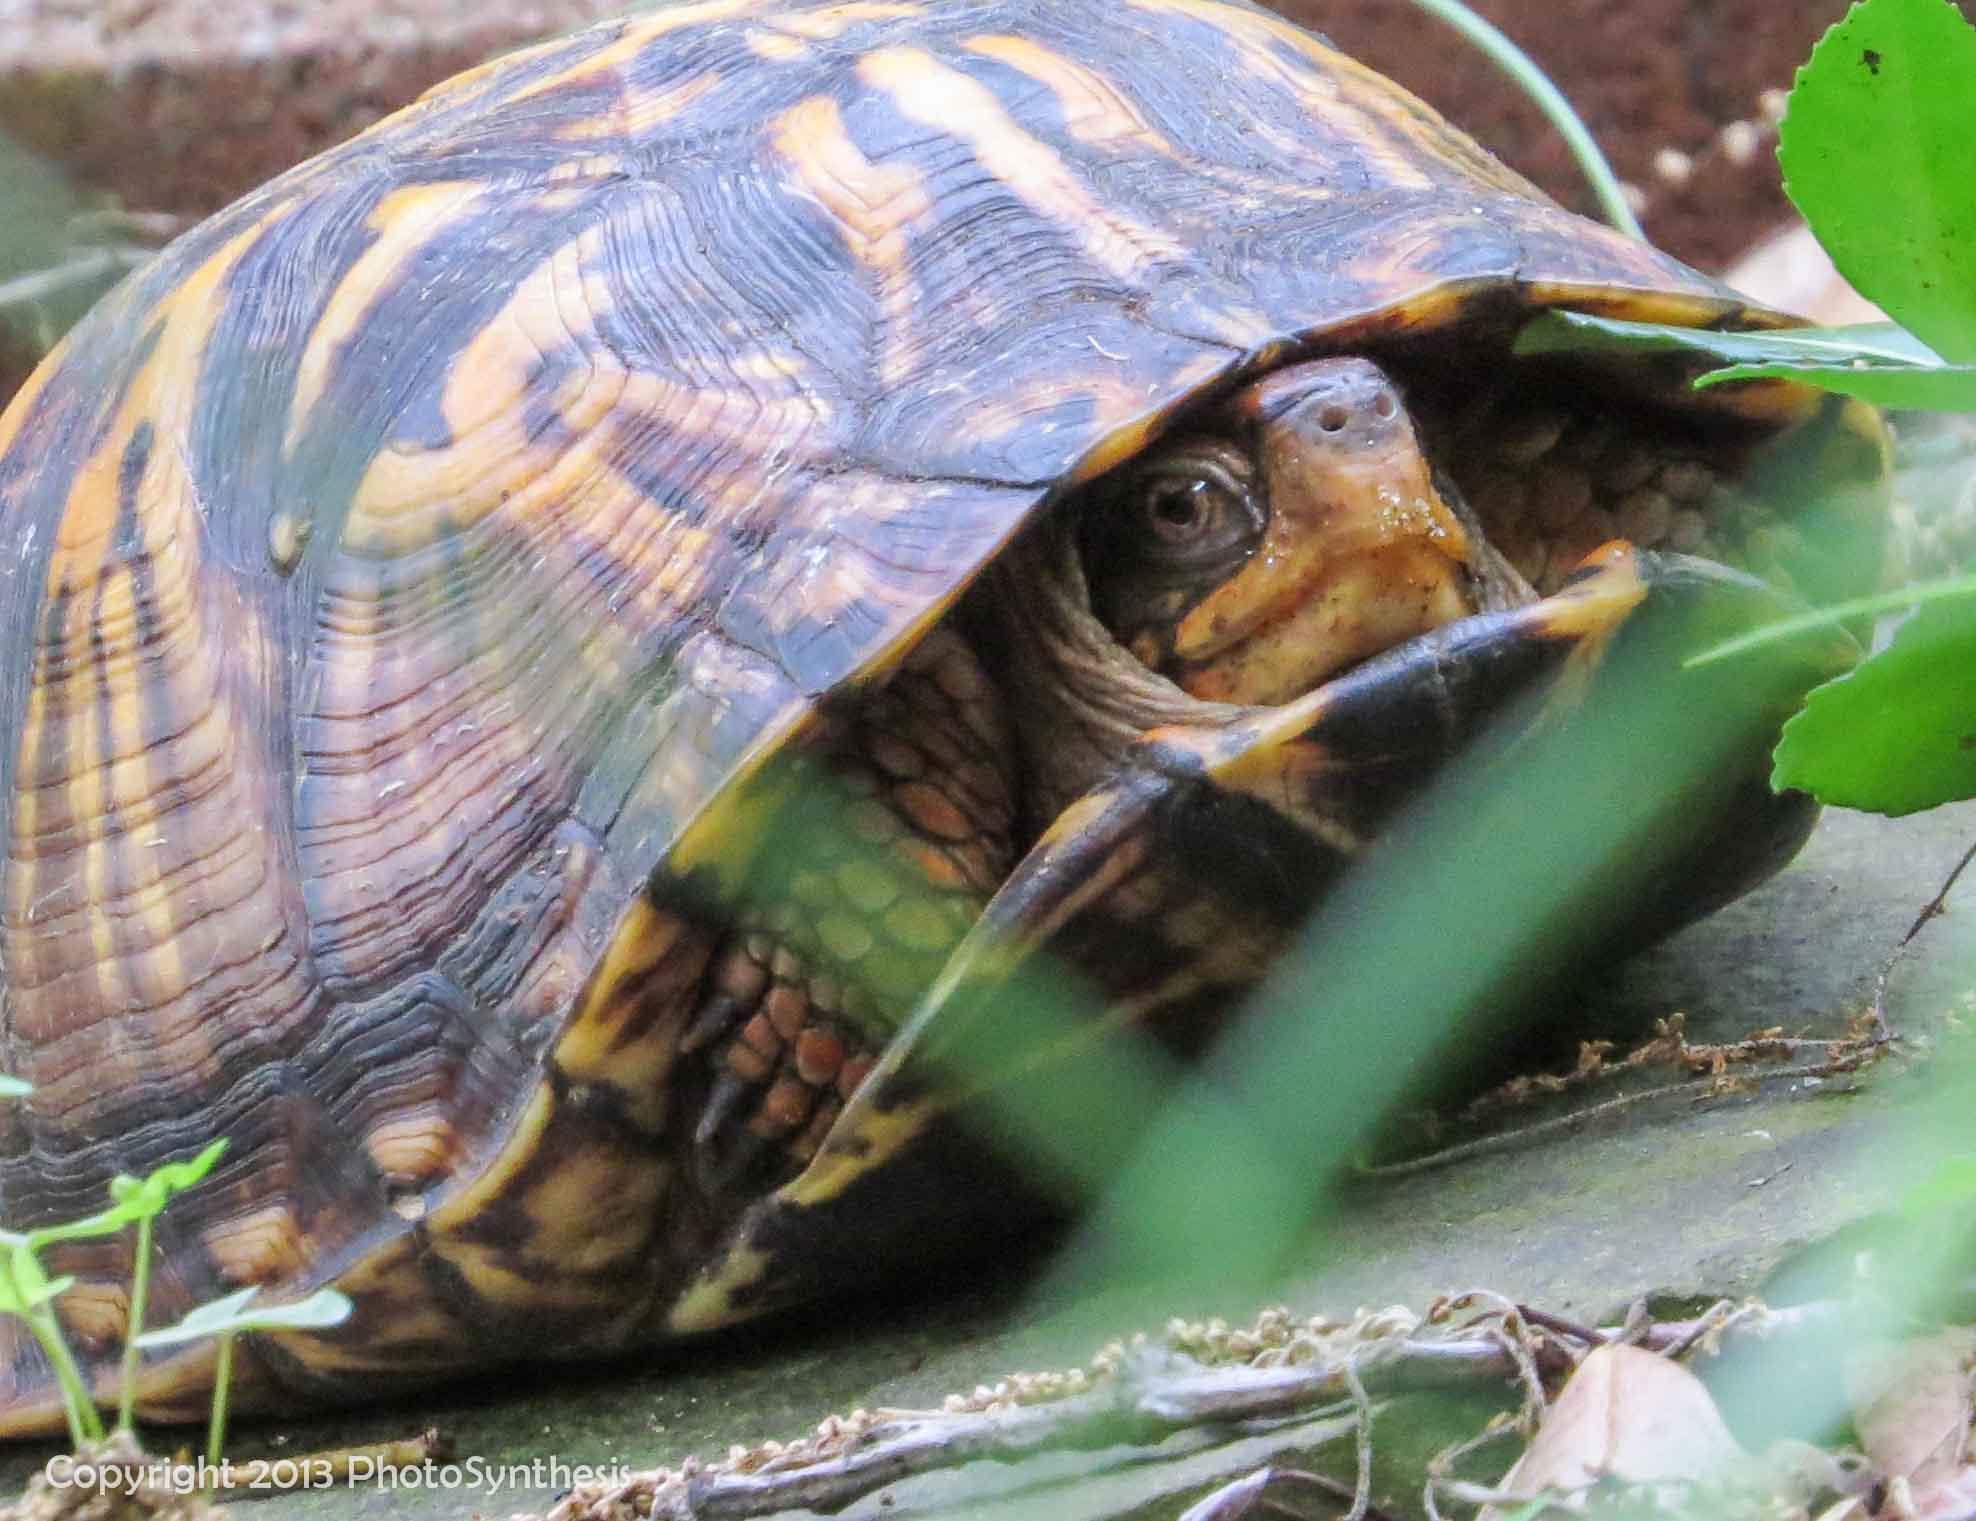 Shy turtle, shy turtle, MD, 2013